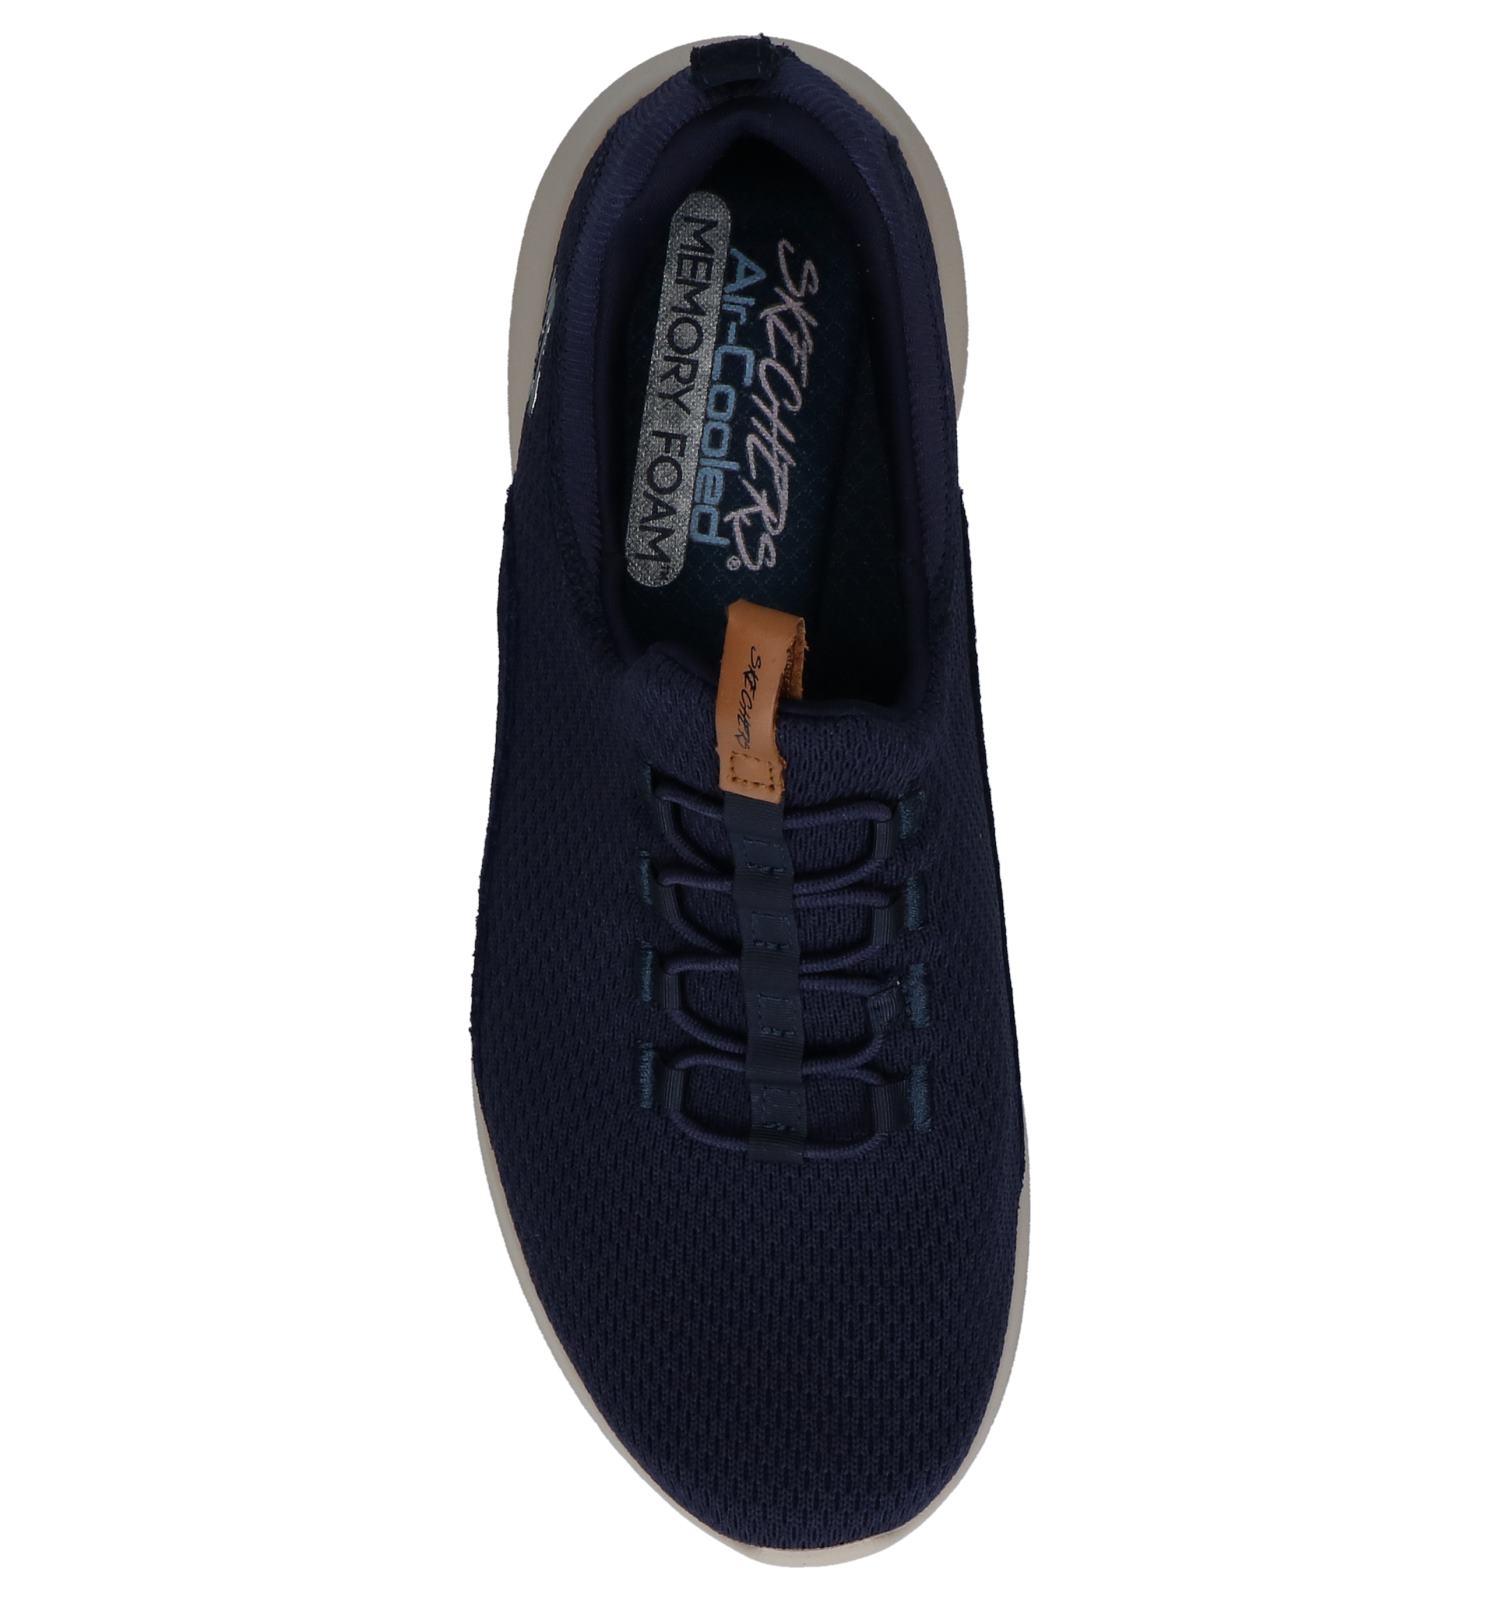 Sneakers Ultra Donker Blauwe Flex Skechers qzUpMVS